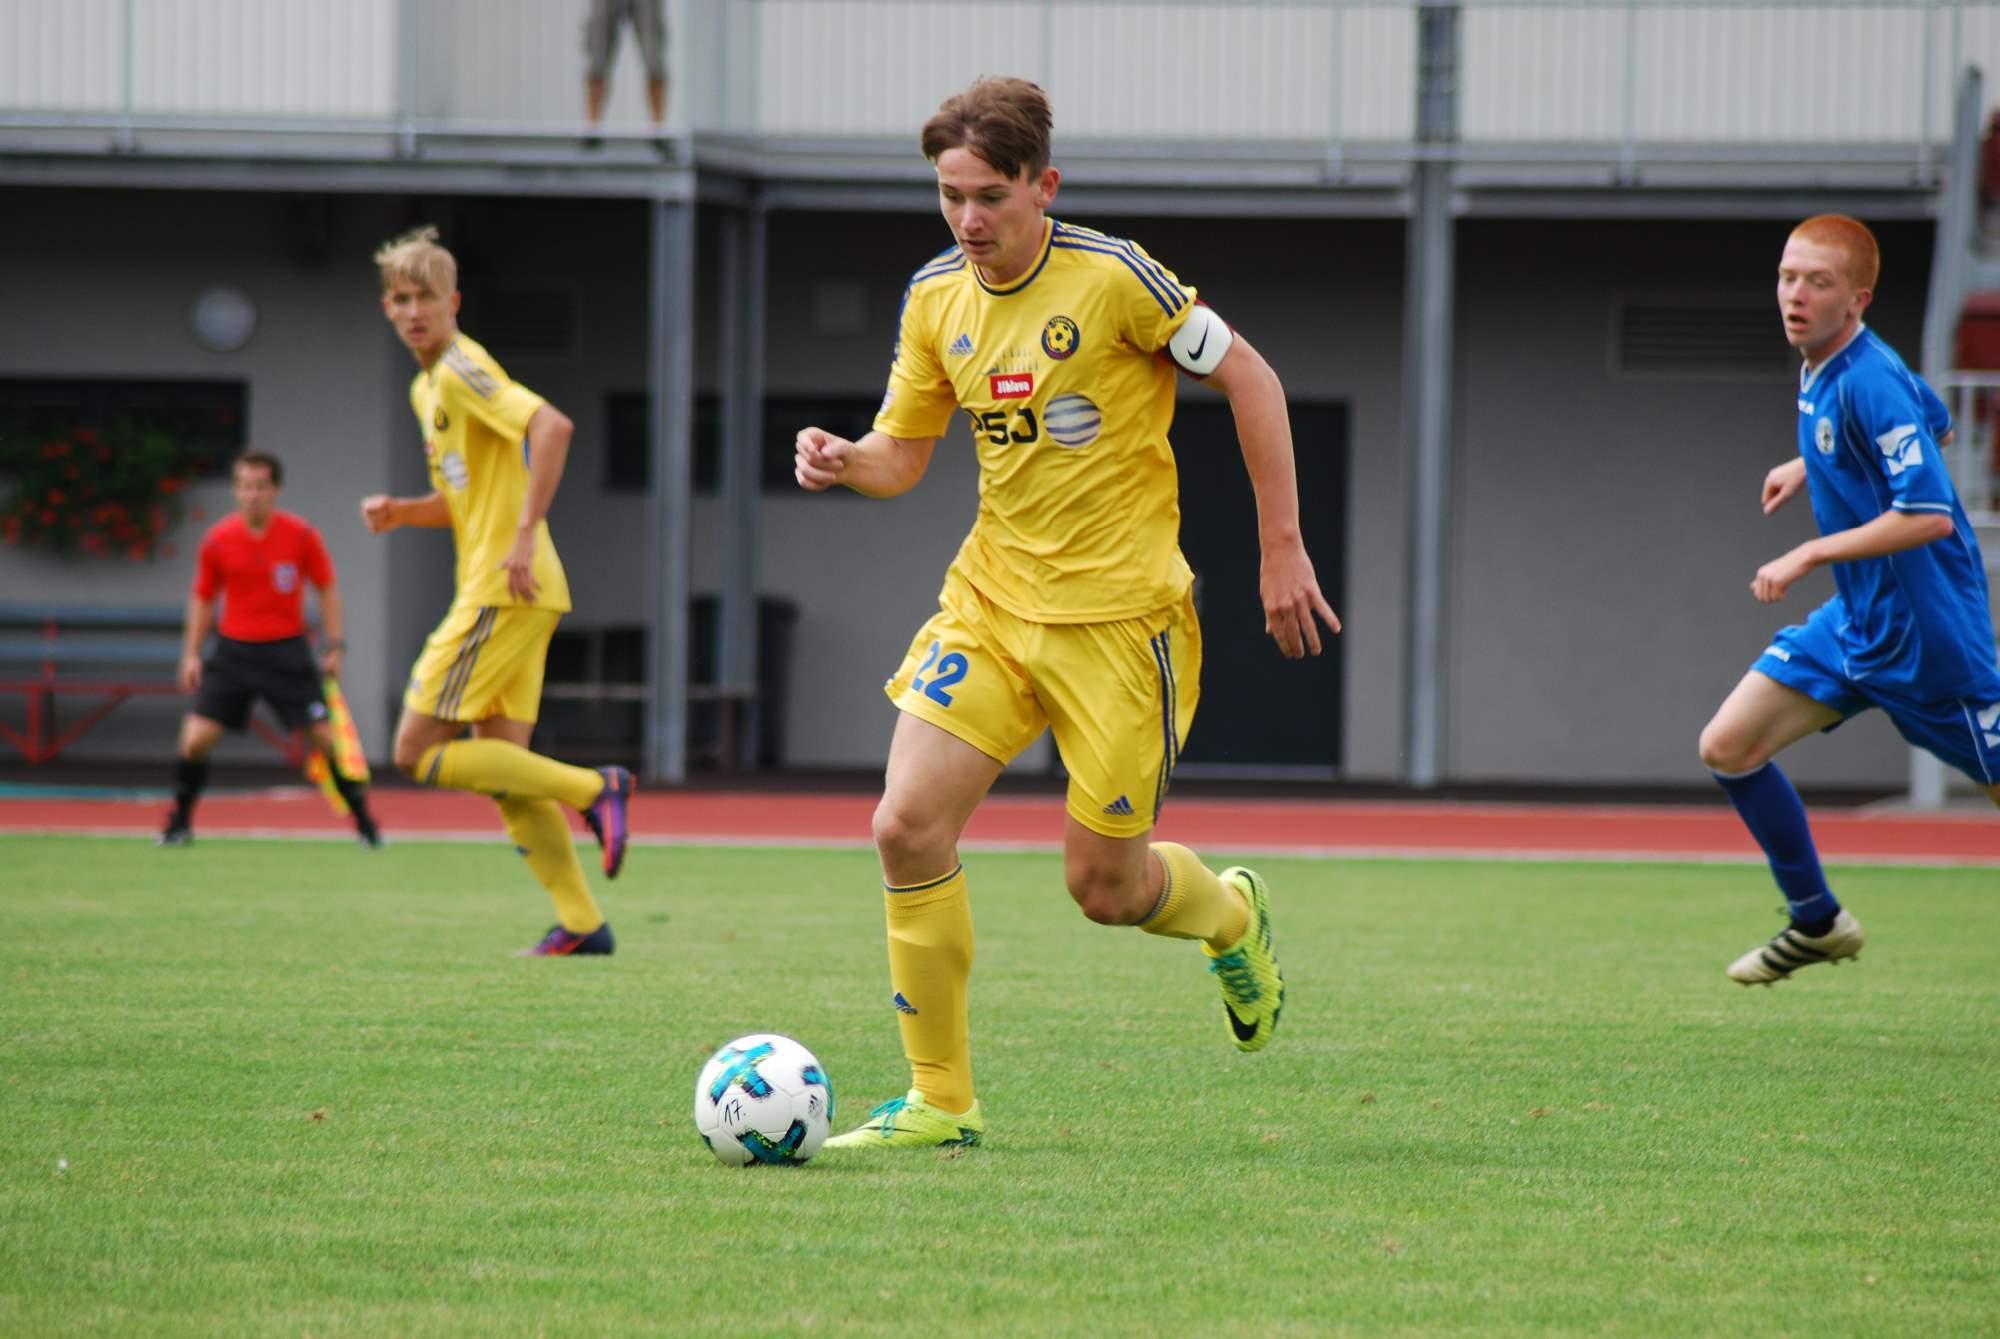 U17: Vyhráli i druhé domácí utkání - nad Prostějovem